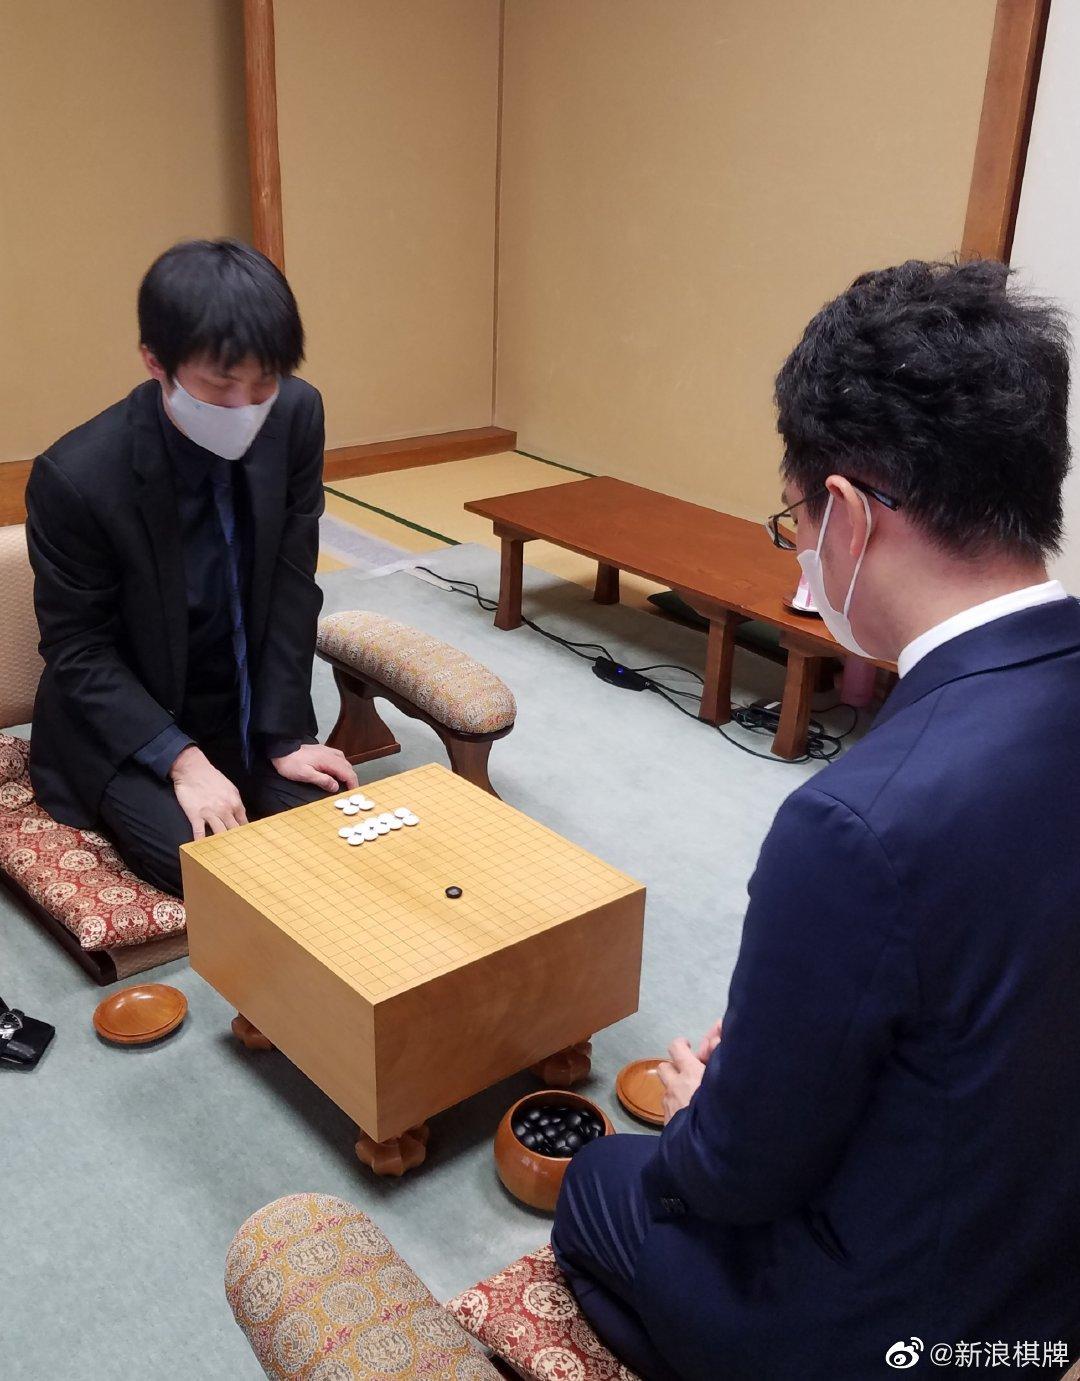 高清-日本棋圣战挑战者决定战 张栩对决一力辽